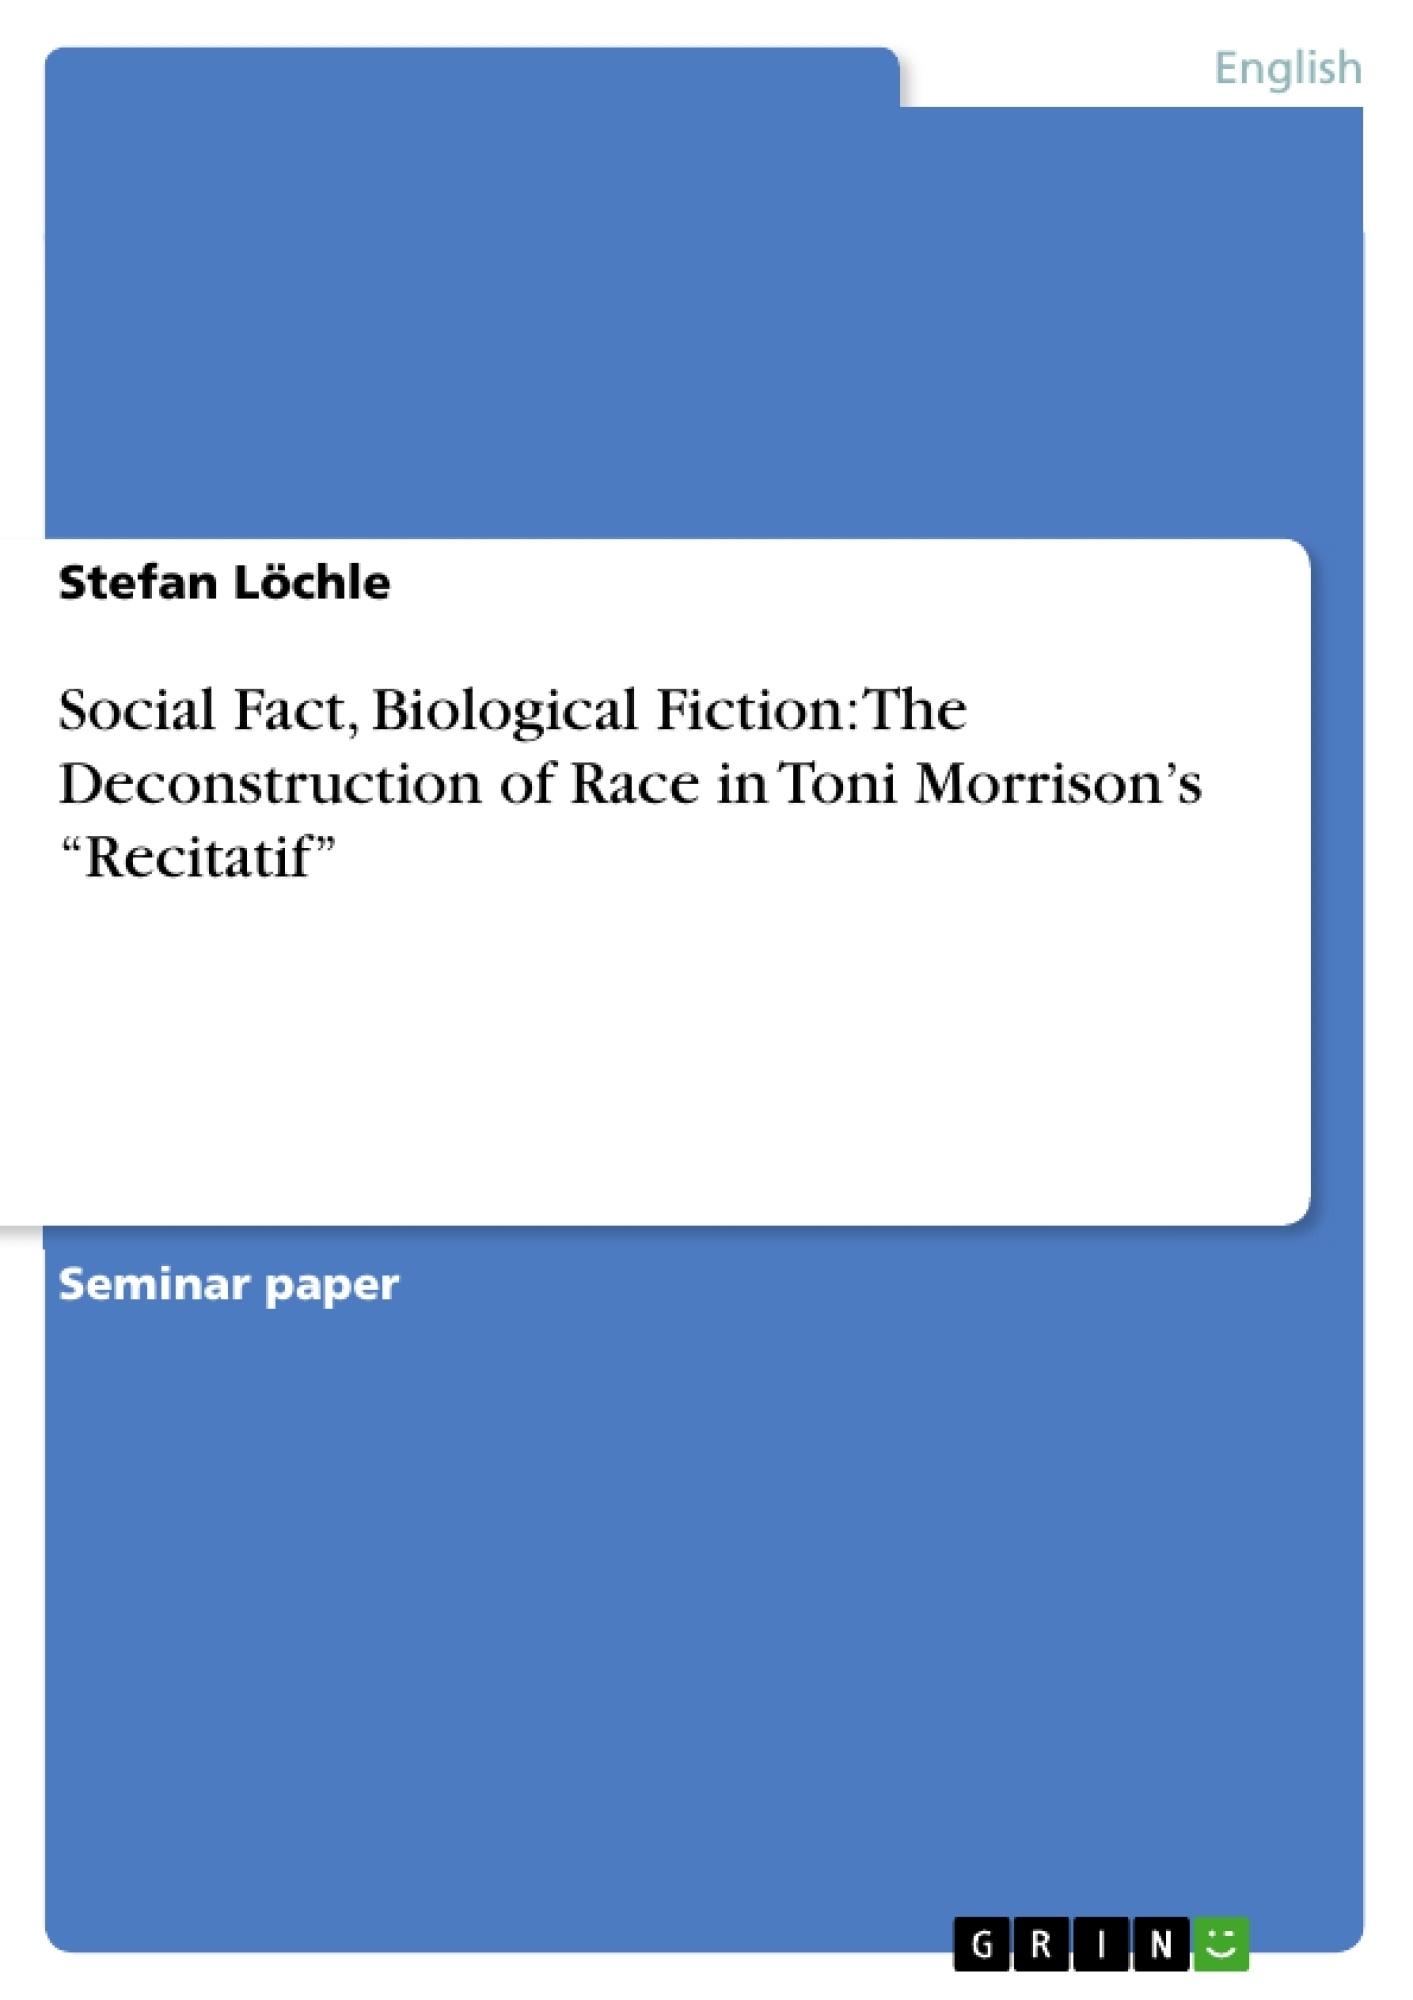 """Title: Social Fact, Biological Fiction: The Deconstruction of Race in Toni Morrison's """"Recitatif"""""""